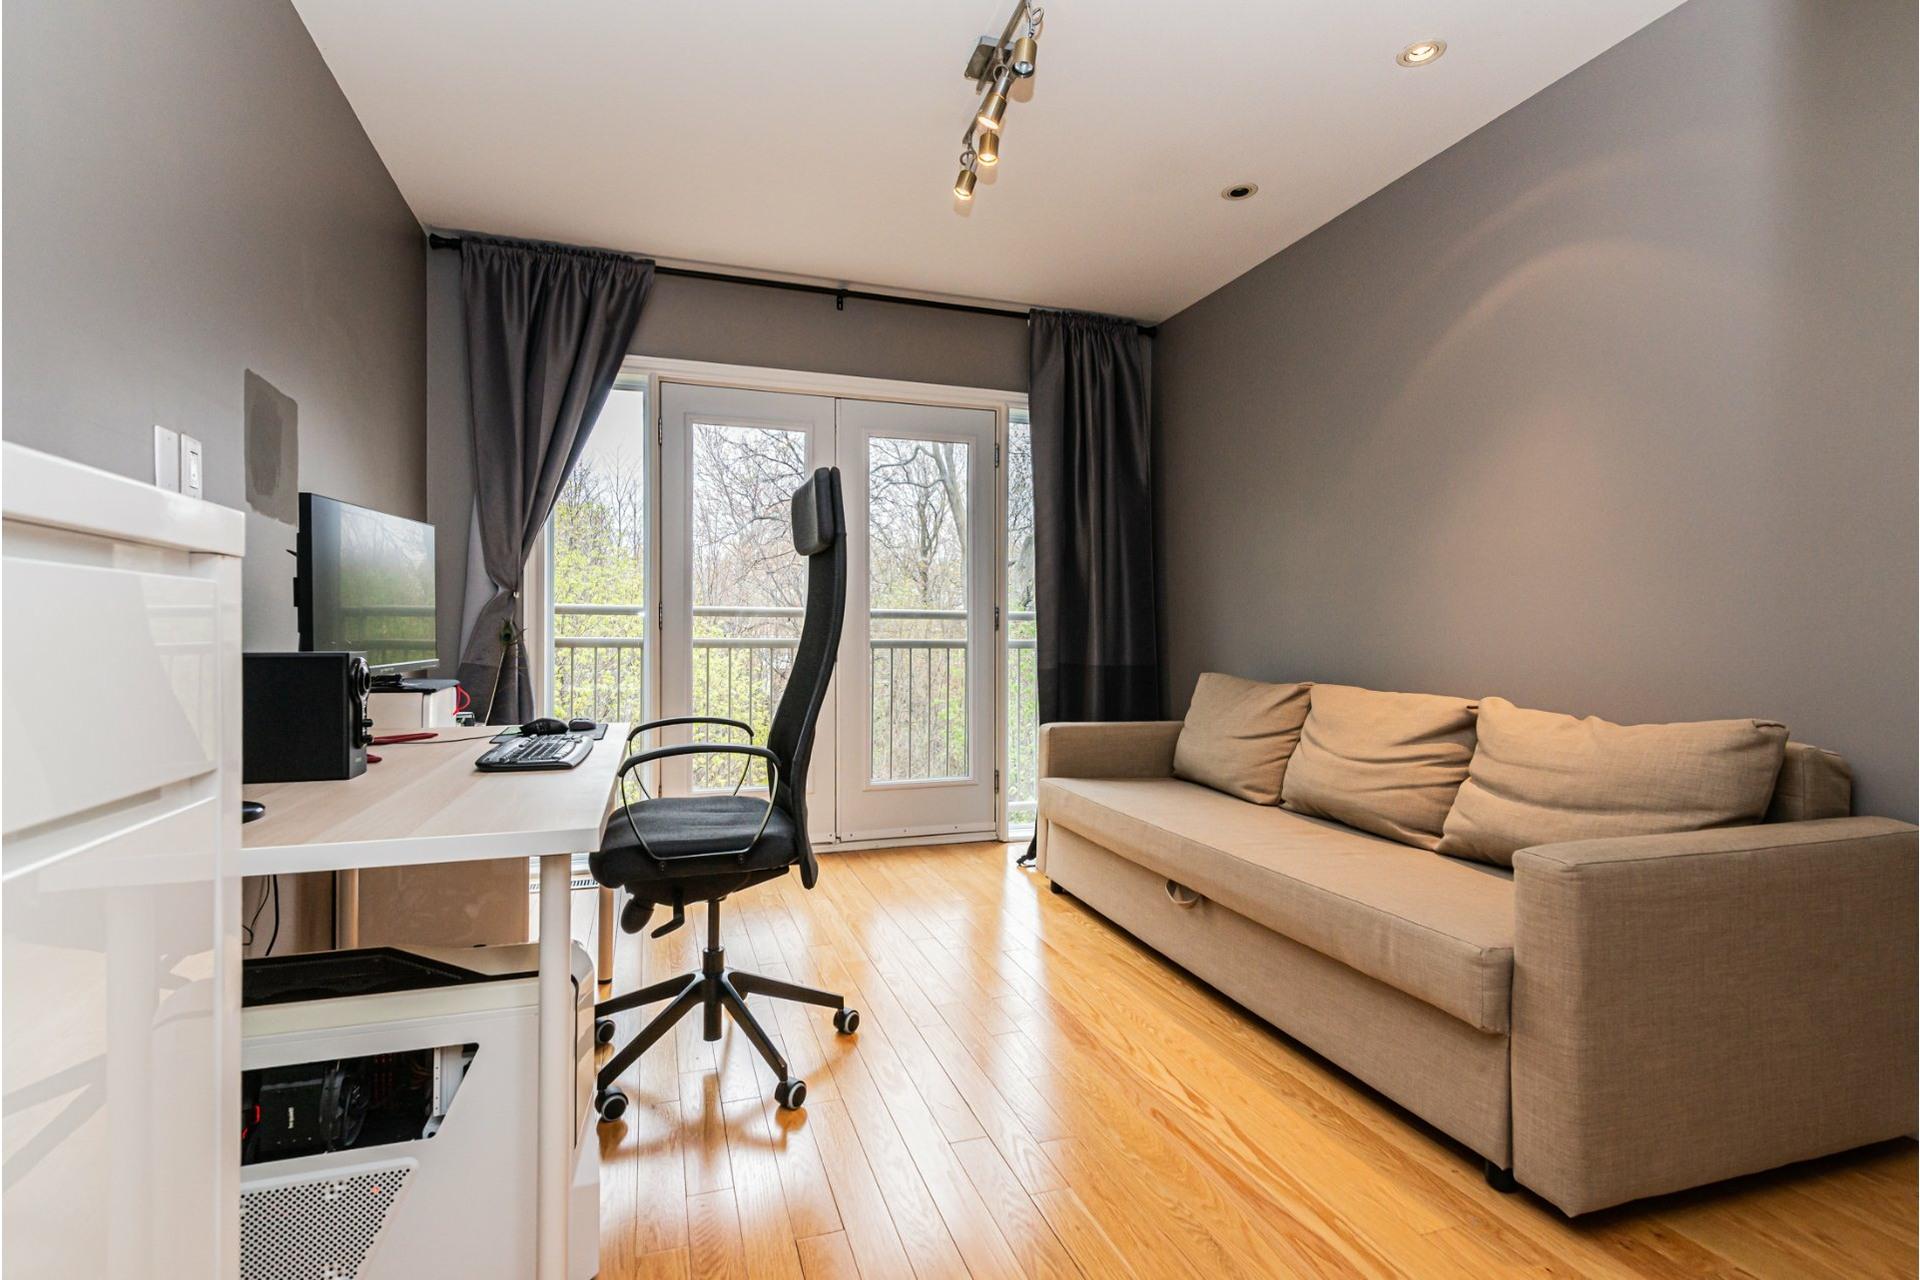 image 20 - Maison À vendre Côte-des-Neiges/Notre-Dame-de-Grâce Montréal  - 11 pièces